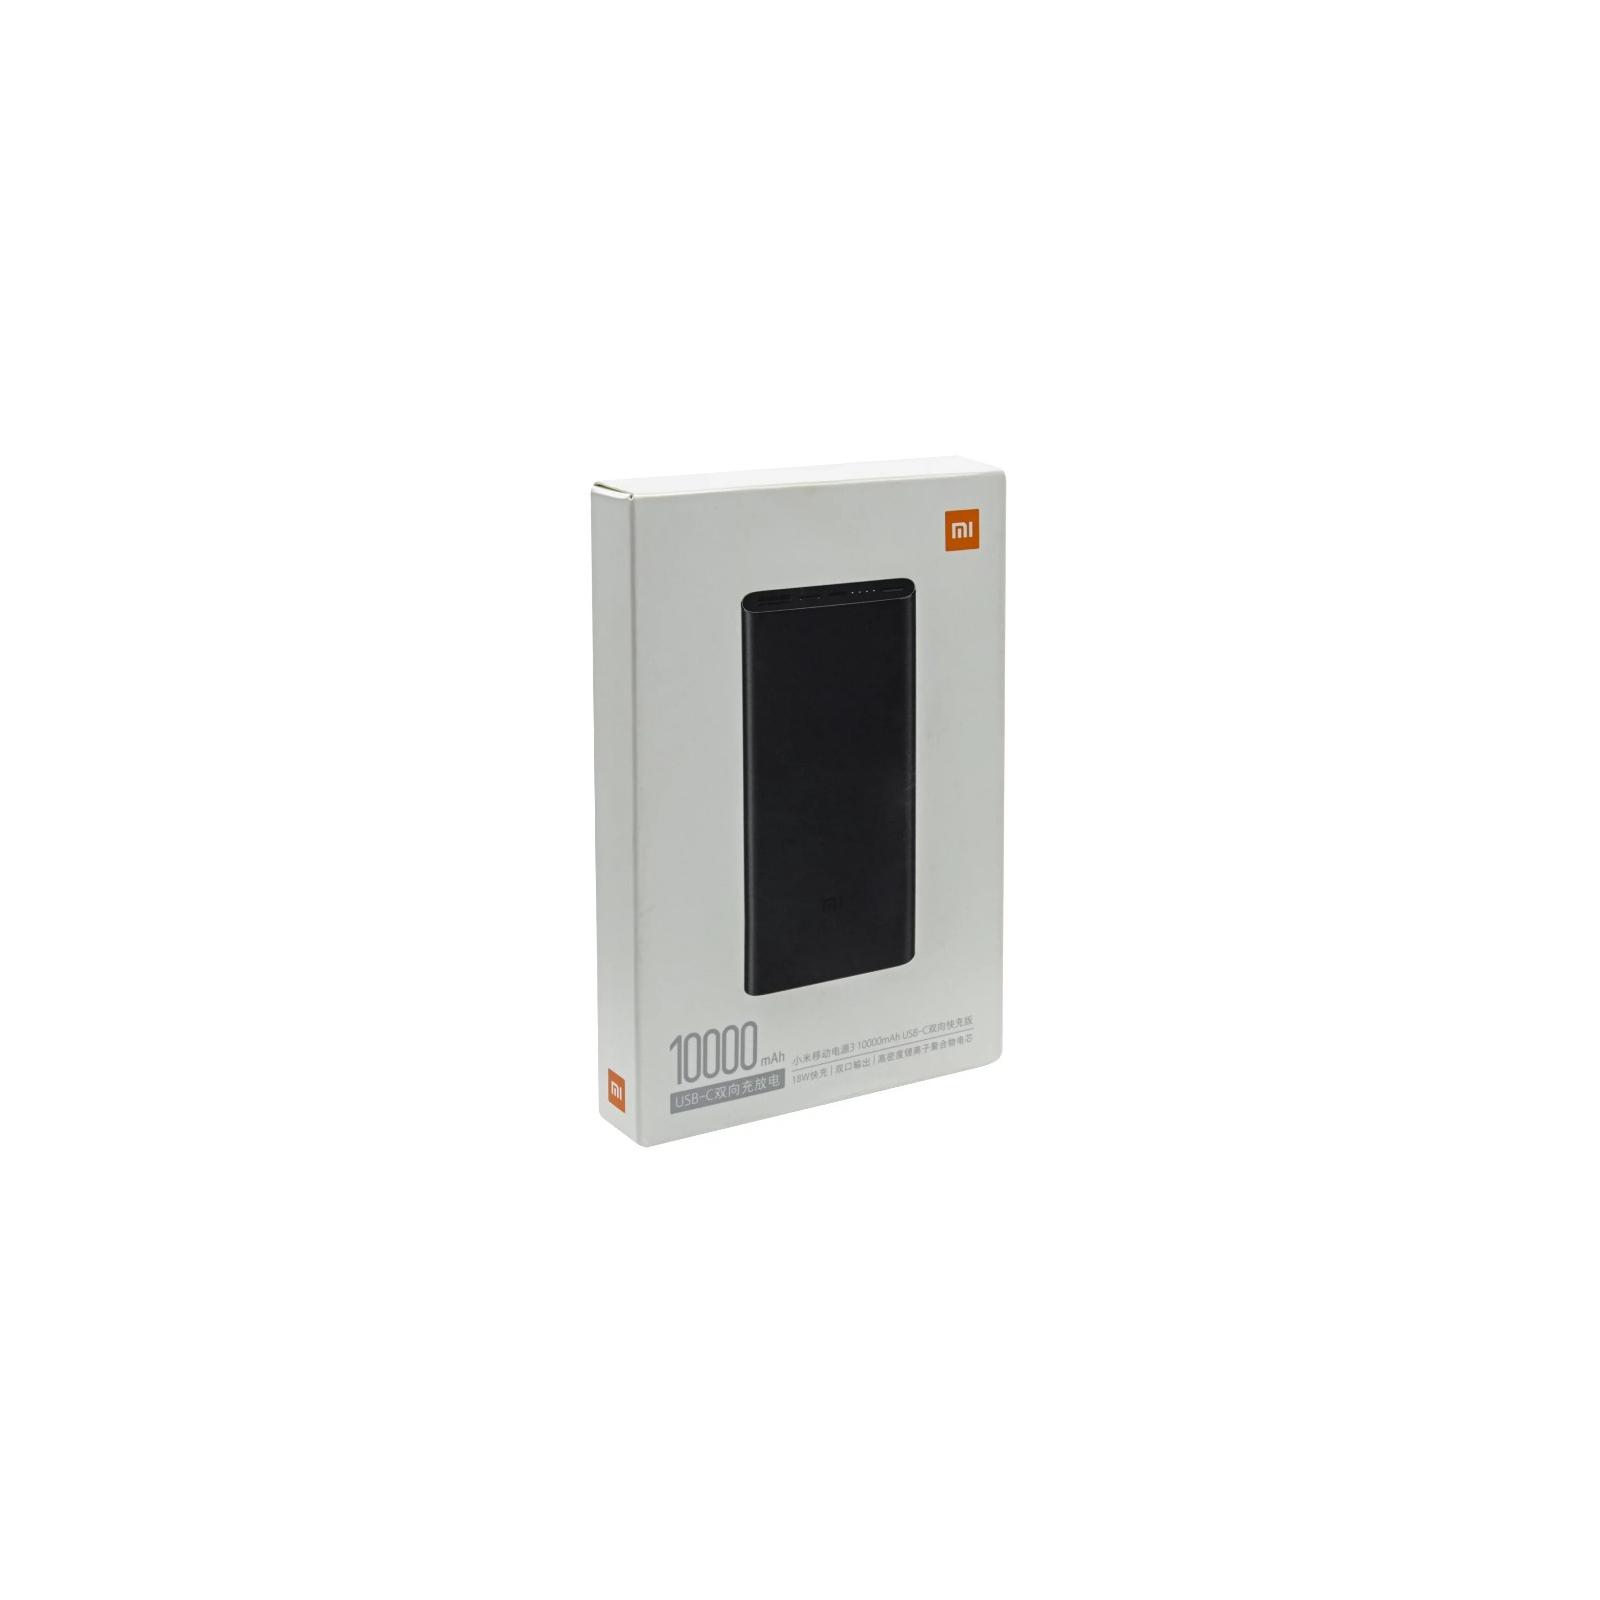 Батарея универсальная Xiaomi Mi Power bank 3 10000mAh QC3.0(Type-C), QC2.0(USB) Black (PLM12ZM-Black) изображение 8